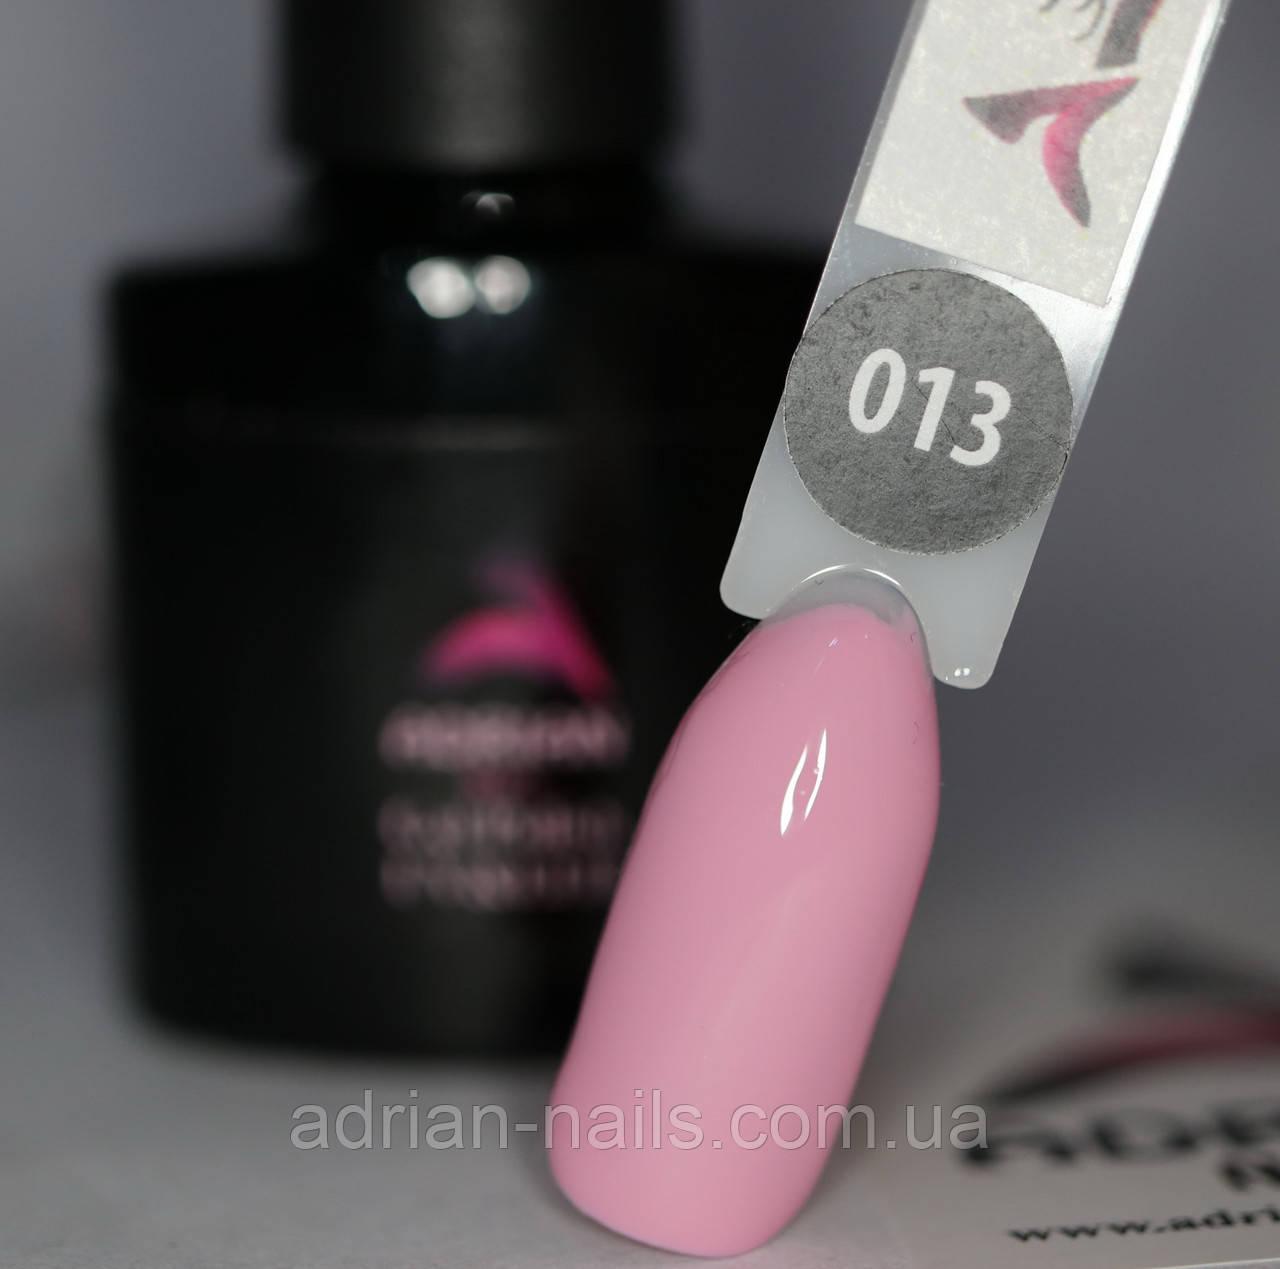 Гель-лак Adrian Nails 10ml - 013